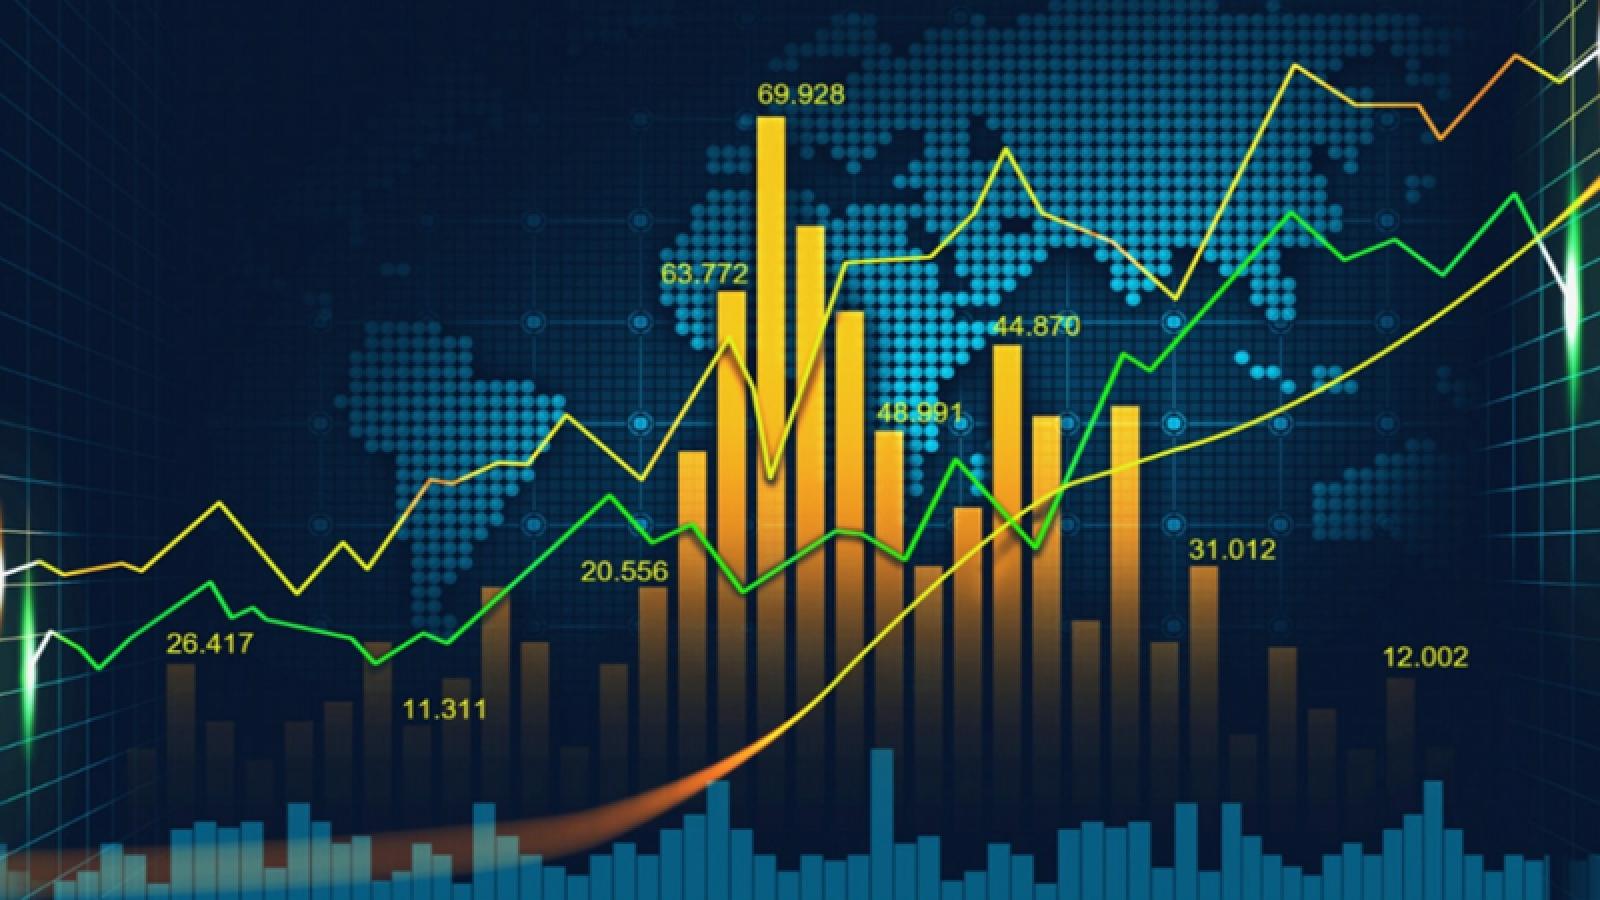 Thị trường chứng khoán phái sinh tăng mạnh, OI lập kỷ lục mới